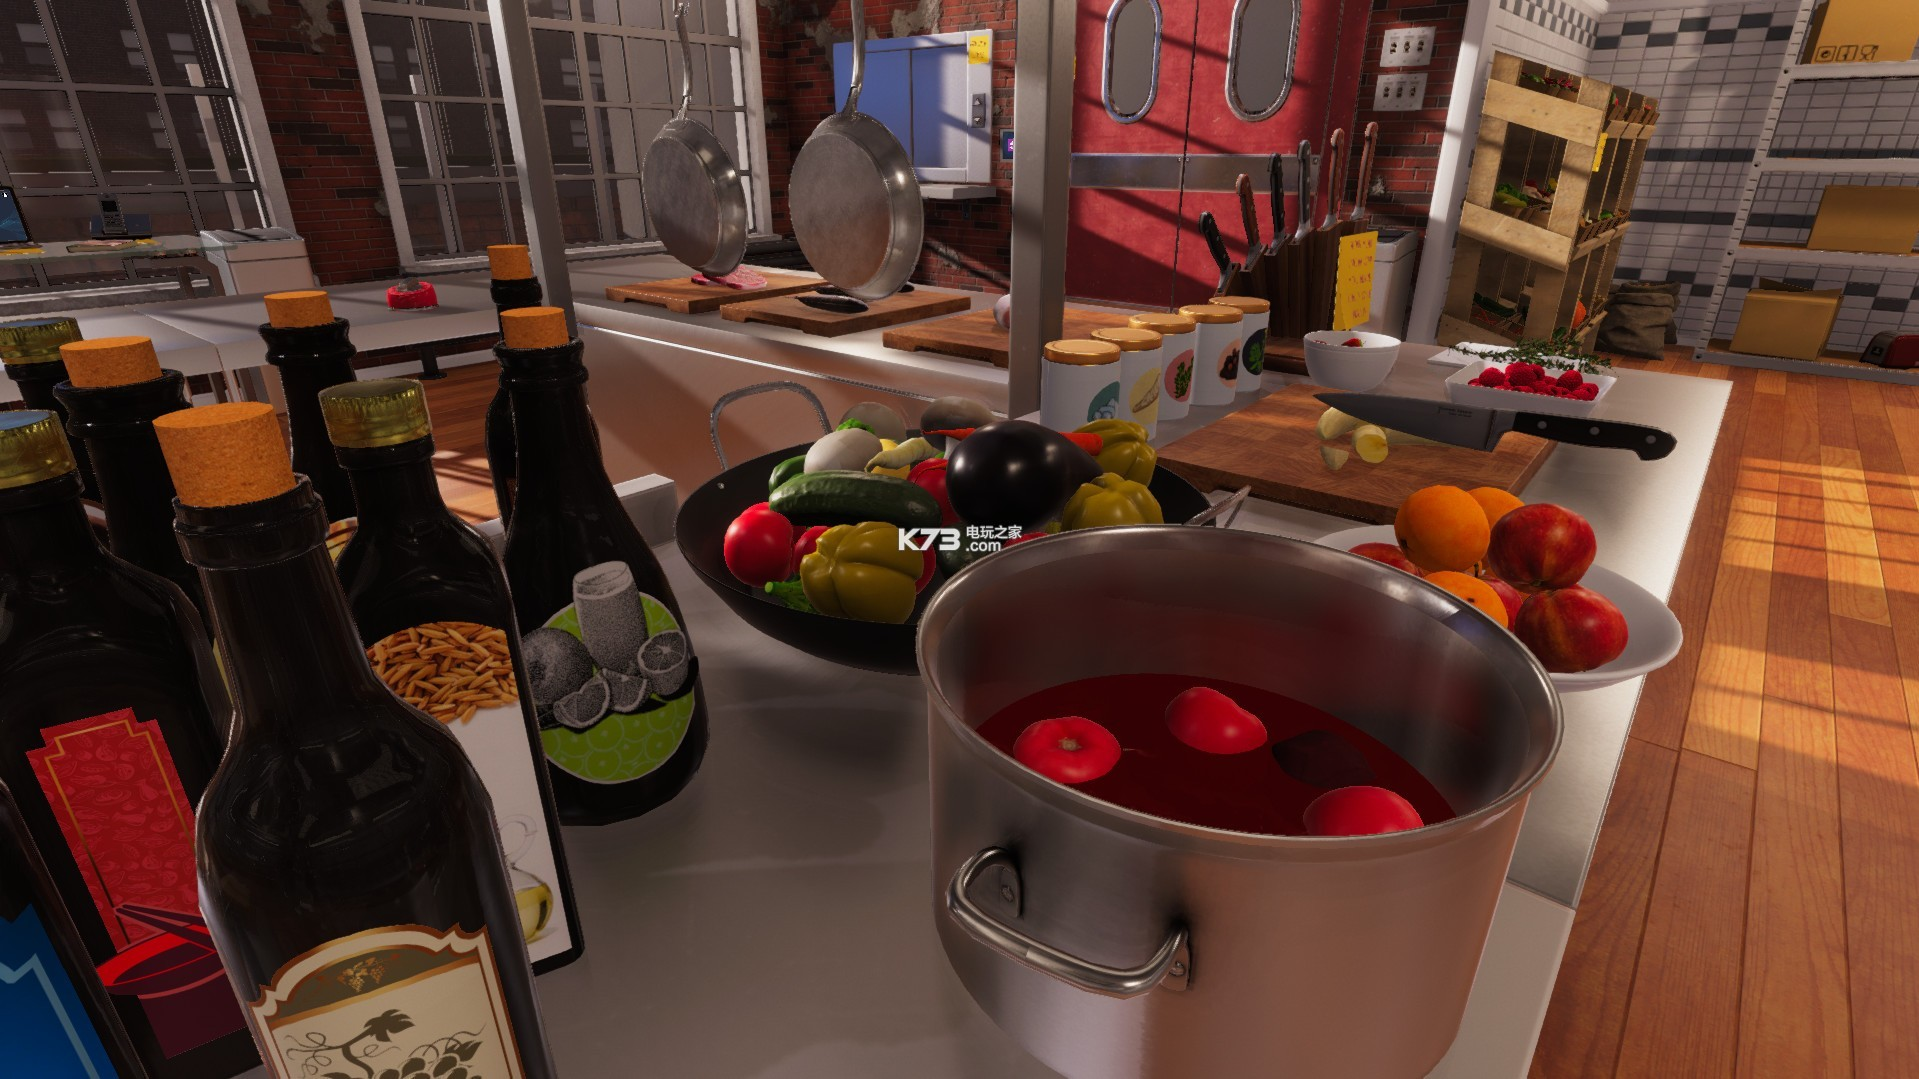 團團玩的做飯的游戲 下載 截圖